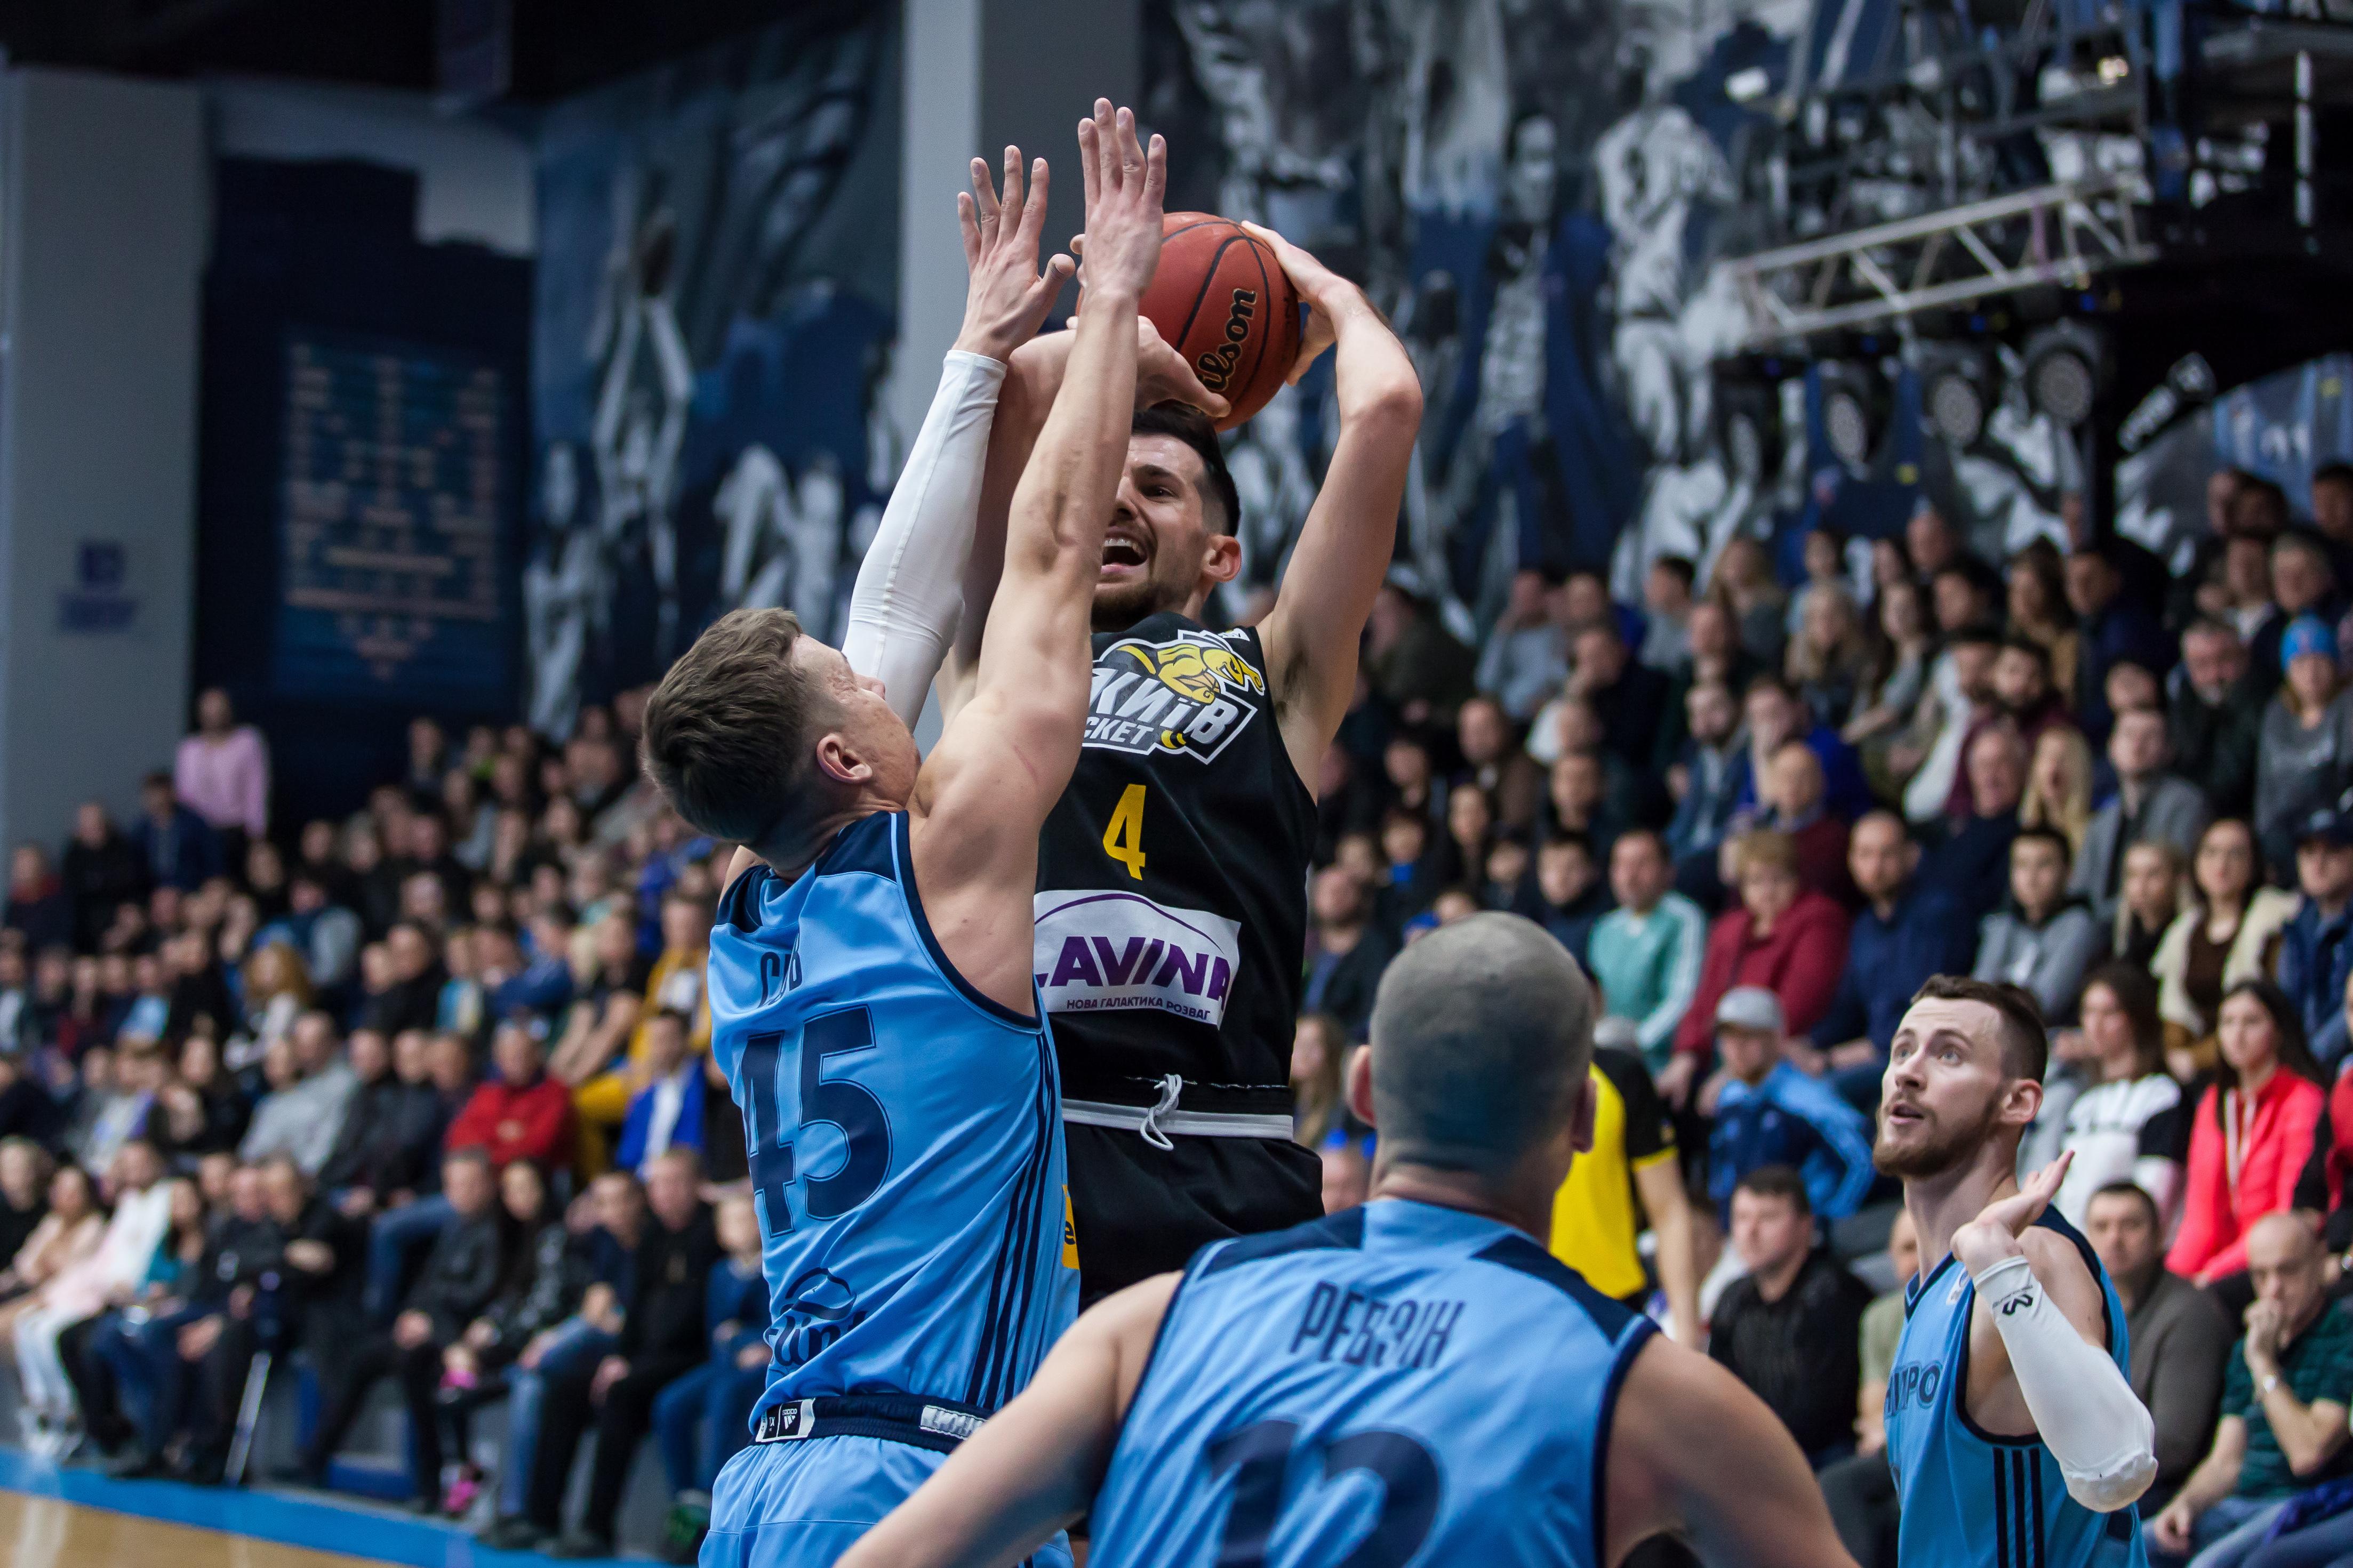 Розв'язка матчу між Дніпром та Київ-Баскетом: відео